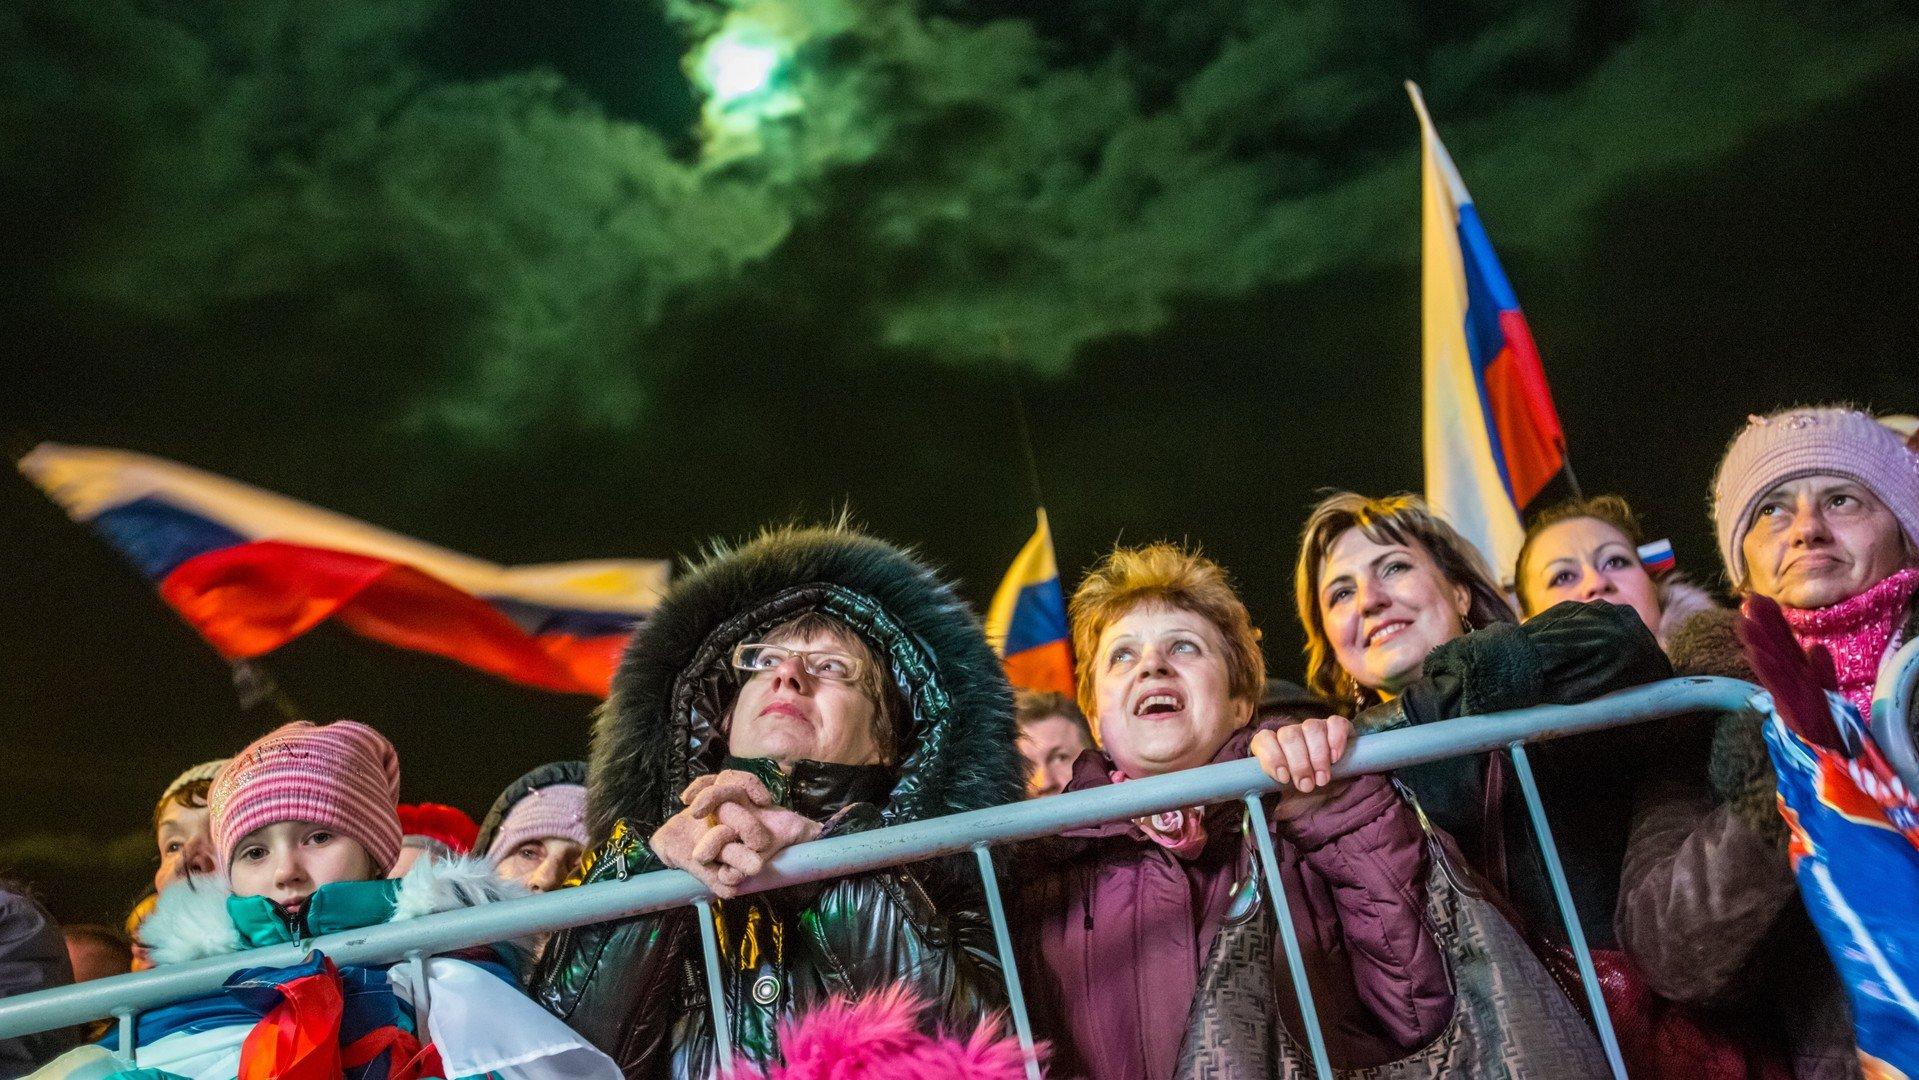 Les habitants de Simferopol regardent le feu d'artifice qui peint le ciel de blanc, bleu et rouge